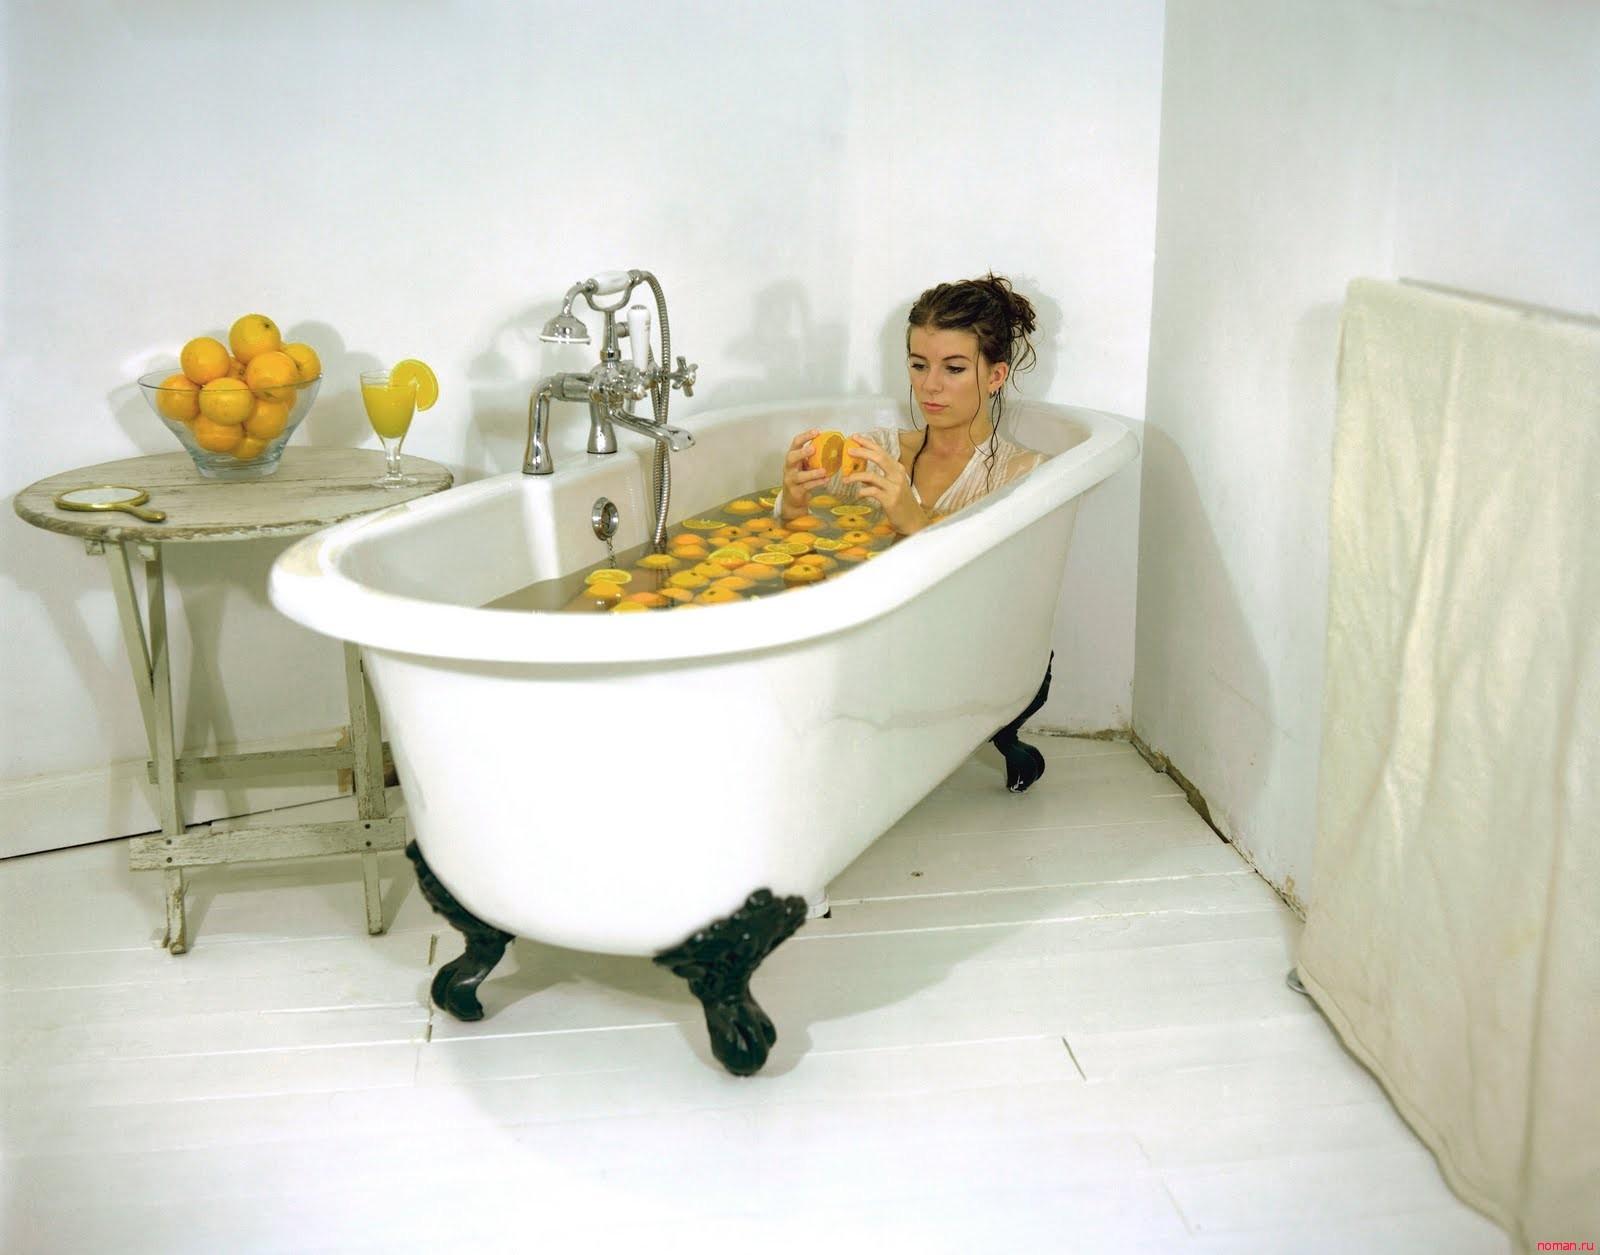 Польза ванны: 5 причин не отказываться от этой процедуры | хочу все знать – полезные и интересные статьи